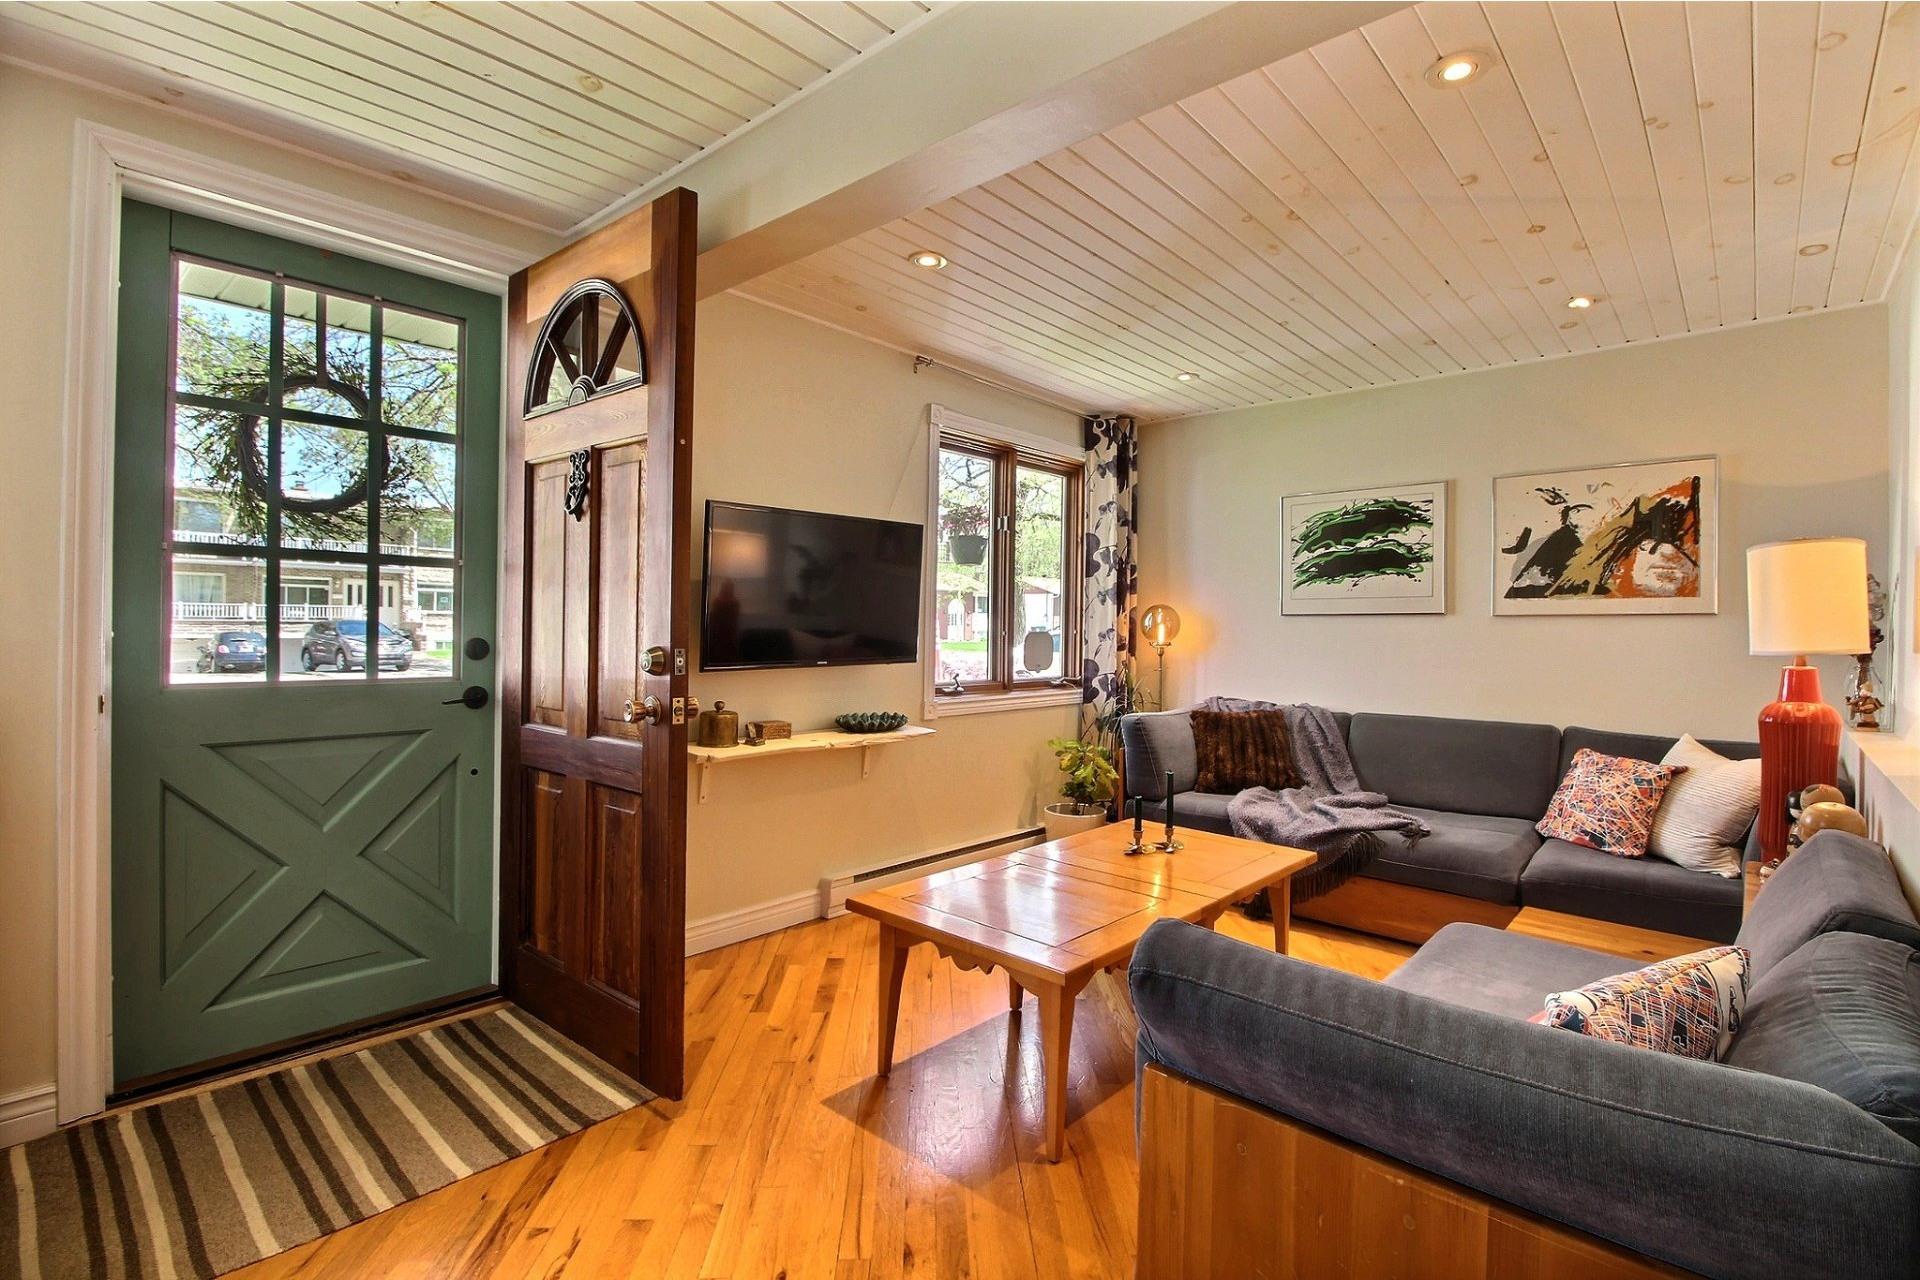 image 2 - House For sale Rivière-des-Prairies/Pointe-aux-Trembles Montréal  - 8 rooms